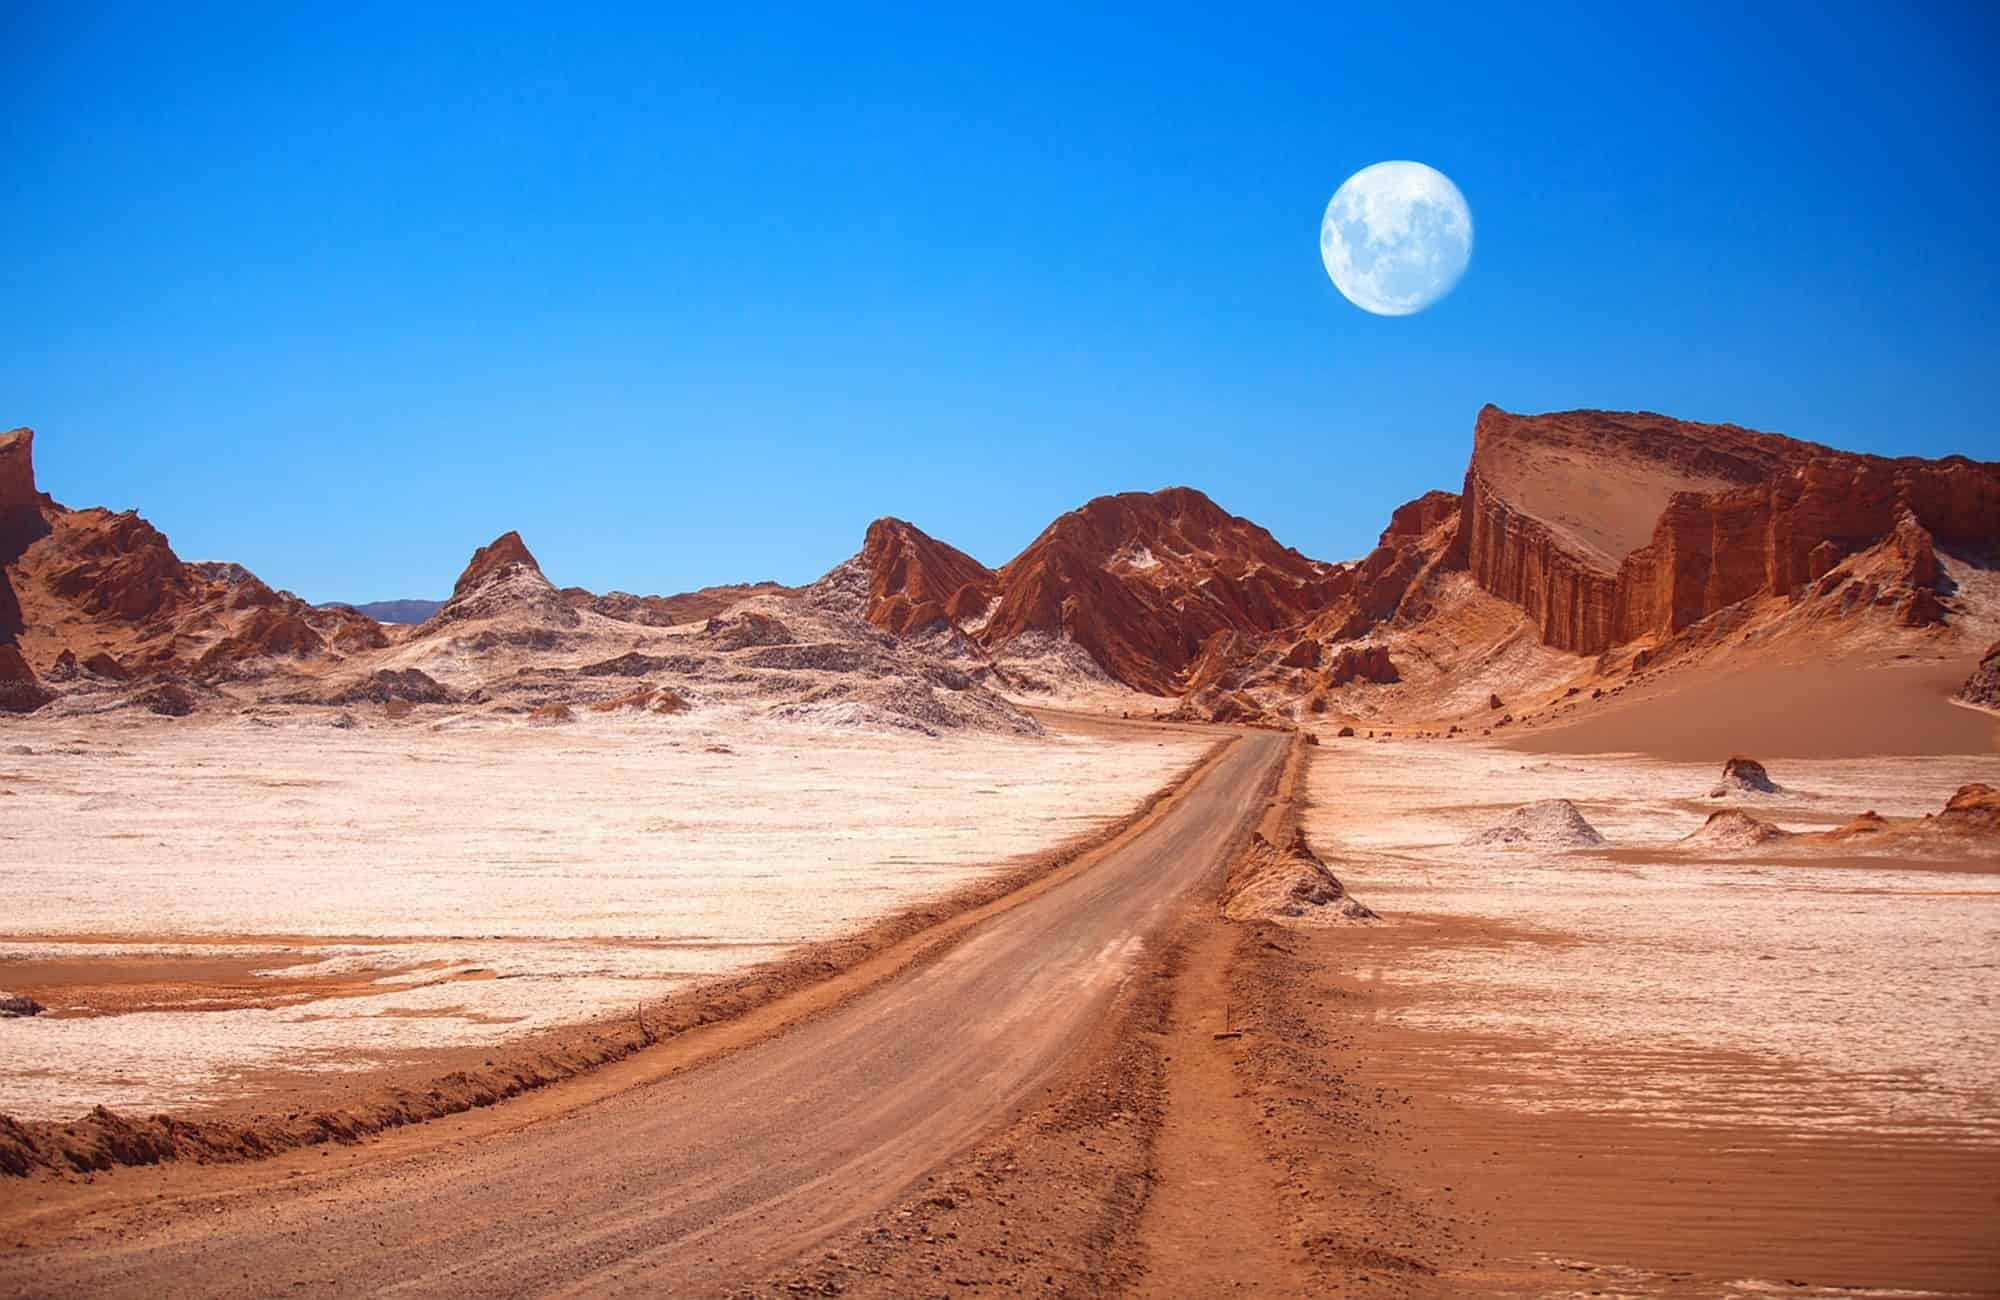 Voyage au Chili - Désert d'Atacama - Amplitudes